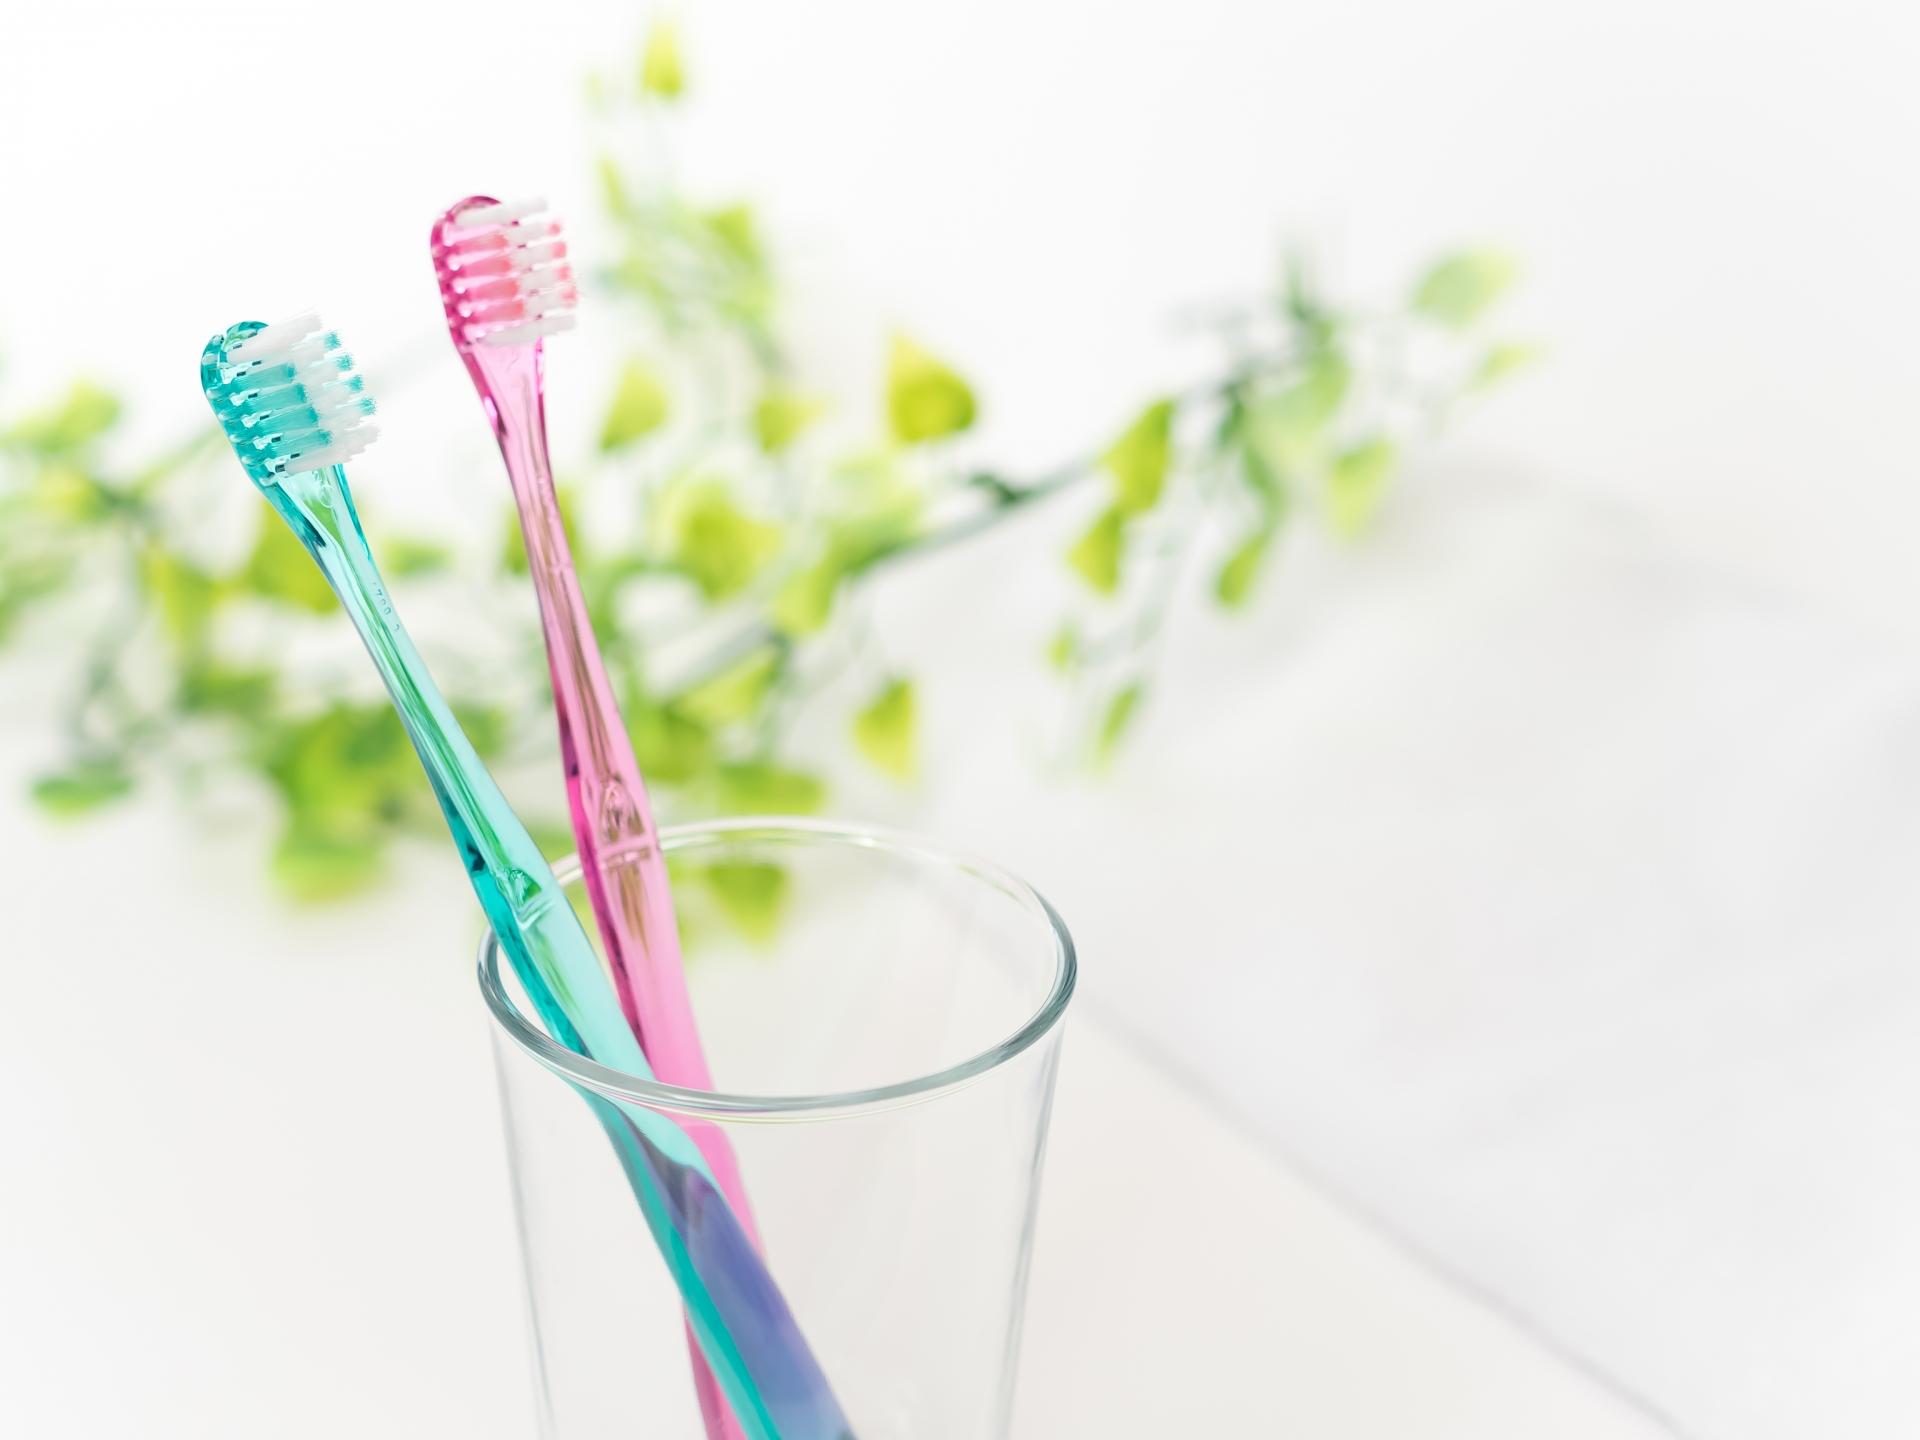 市販の歯ブラシおすすめ14選!選び方やタフトも【2019年版】